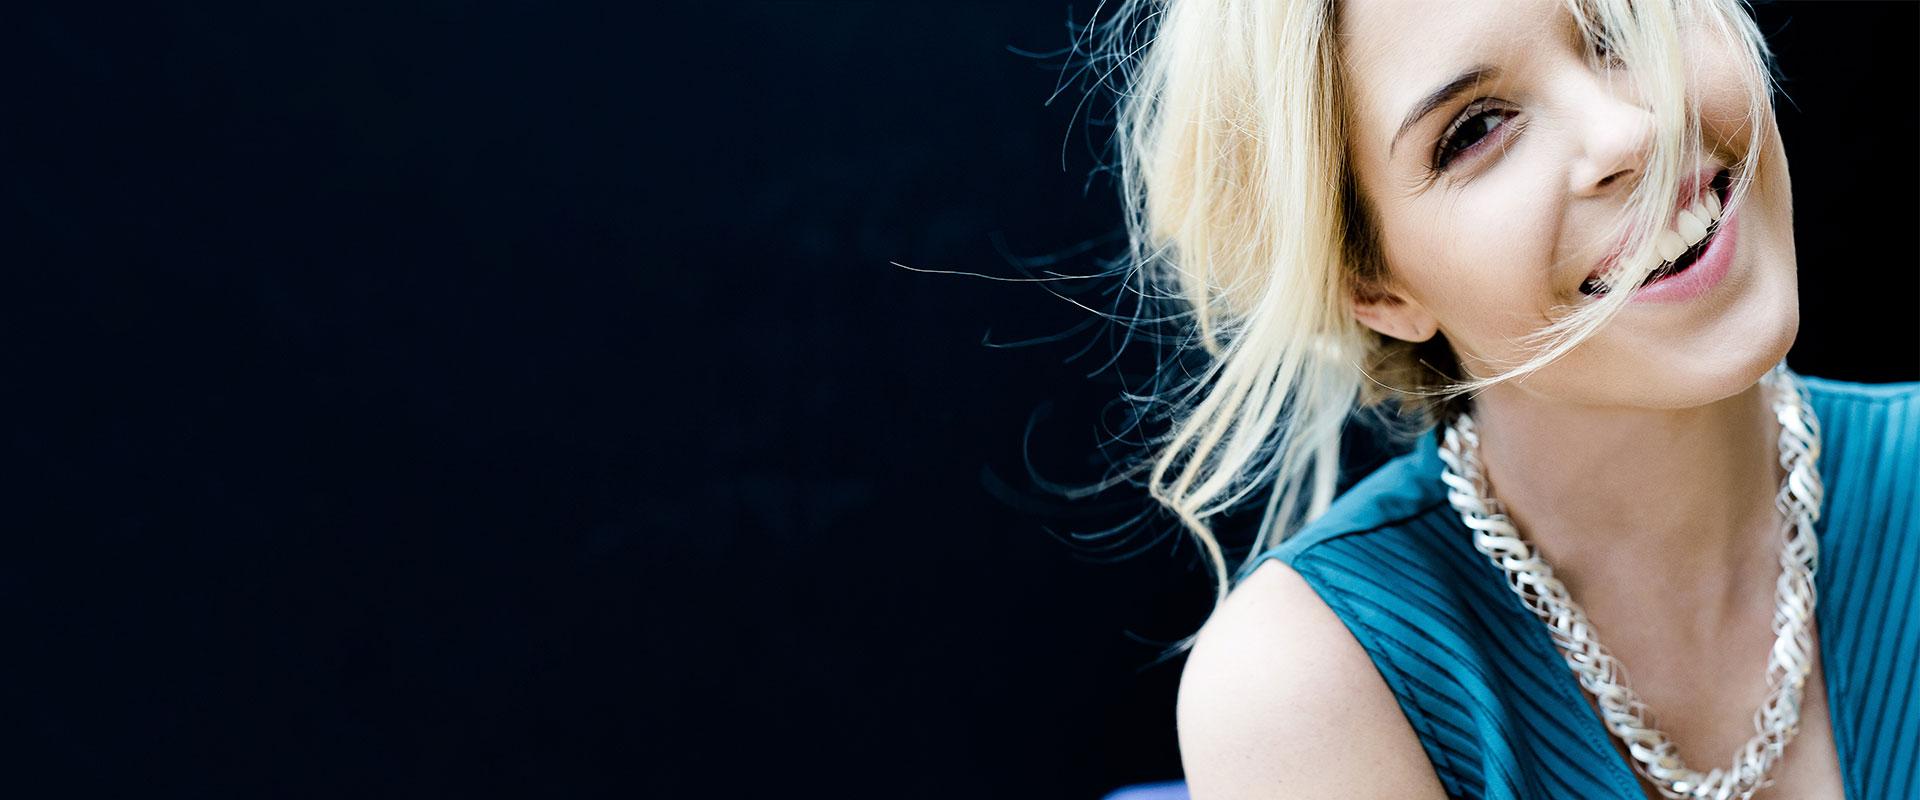 Wunschgesichter Modelagentur mit Styling, Harre und Make-Up, Setmanagement und locationsscouting